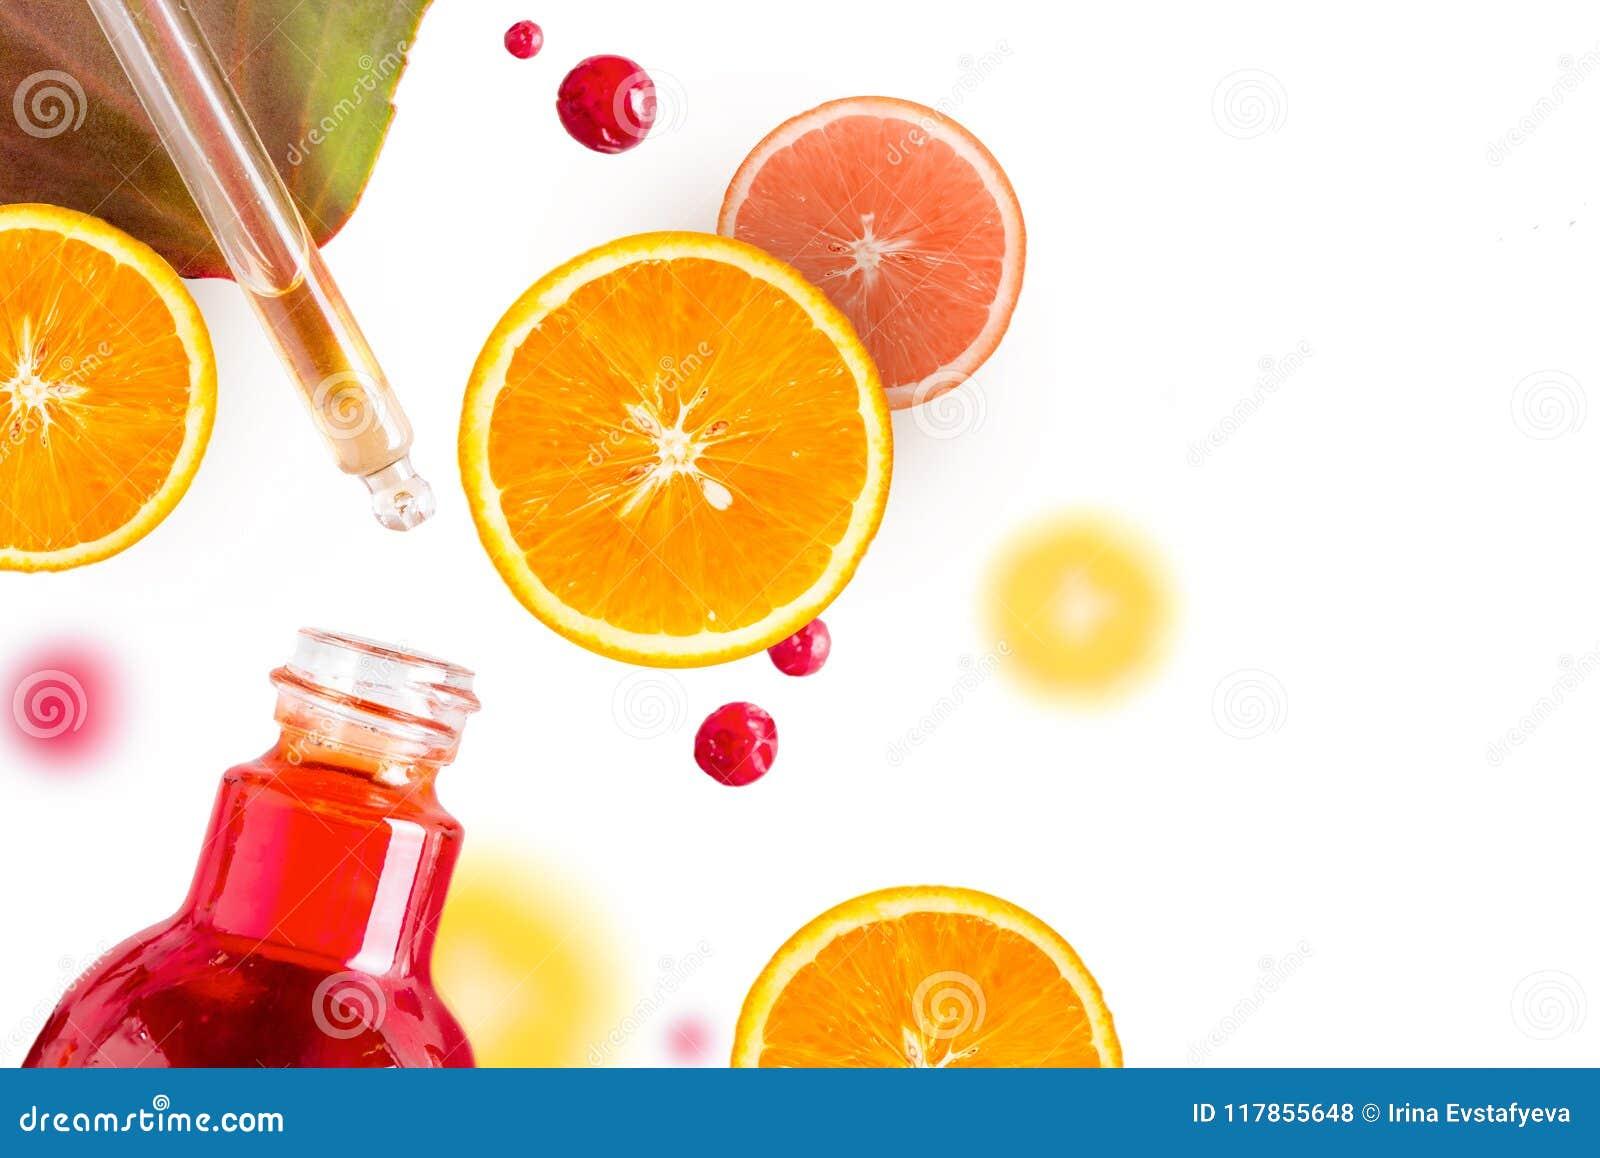 Citrusvruchtenetherische olie, vitamine Cserum, de therapie van het schoonheidsverzorgingaroma Organic Spa Schoonheidsmiddel met